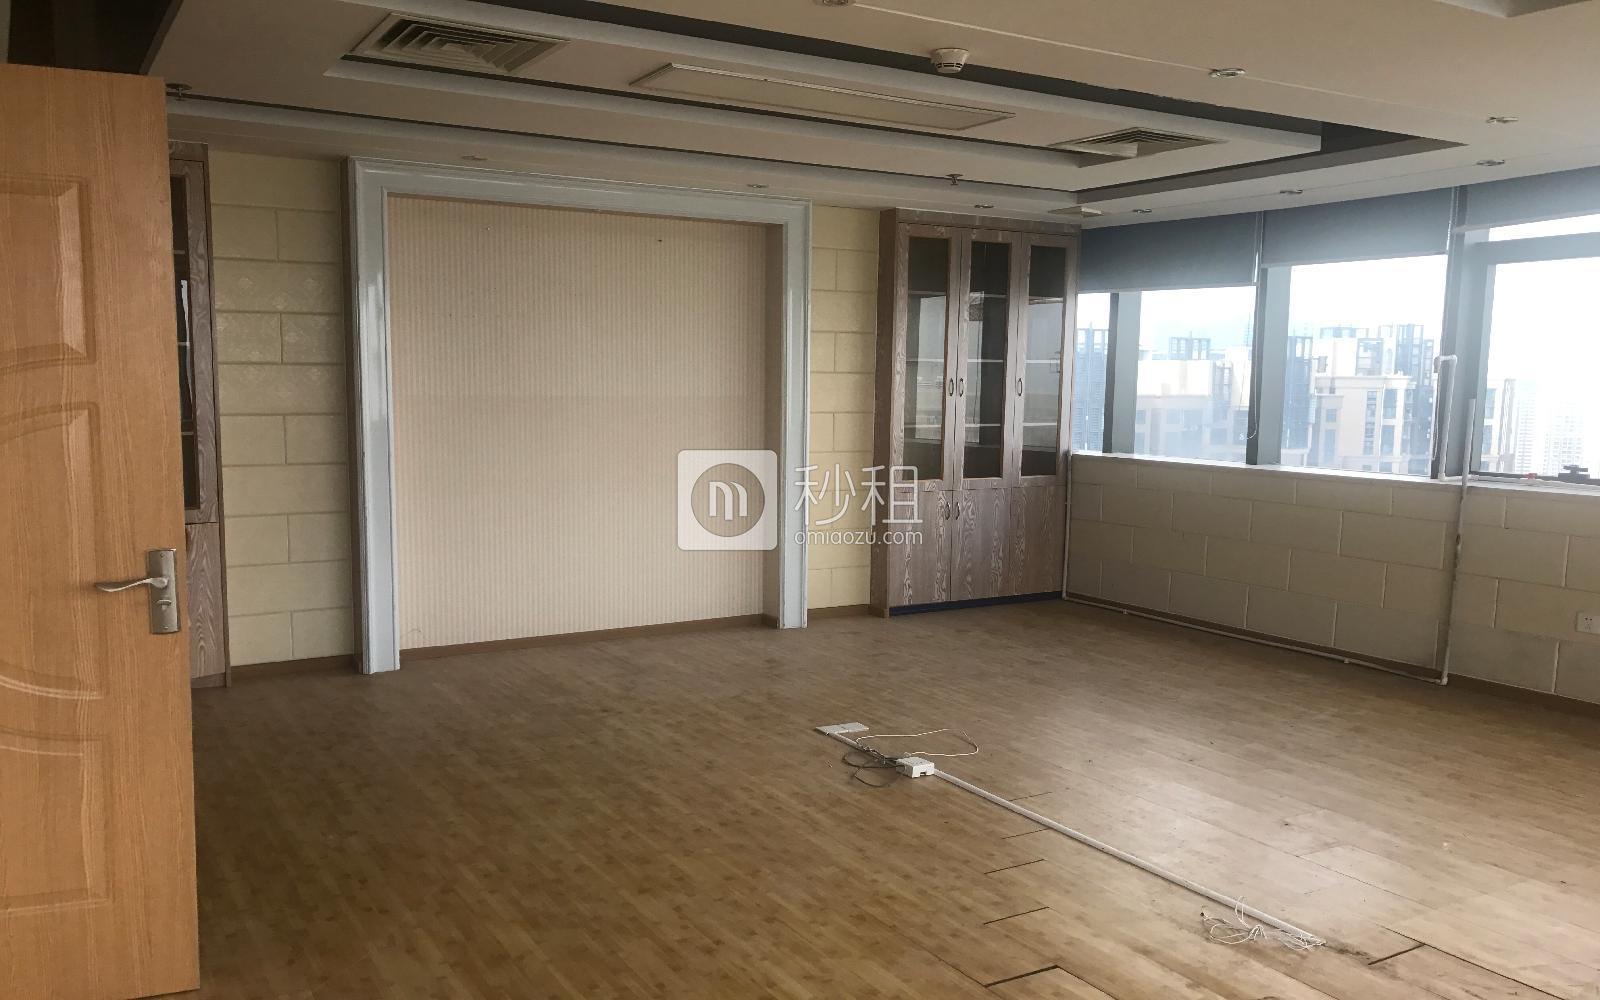 龙华-民治 光浩国际中心 233.2m²